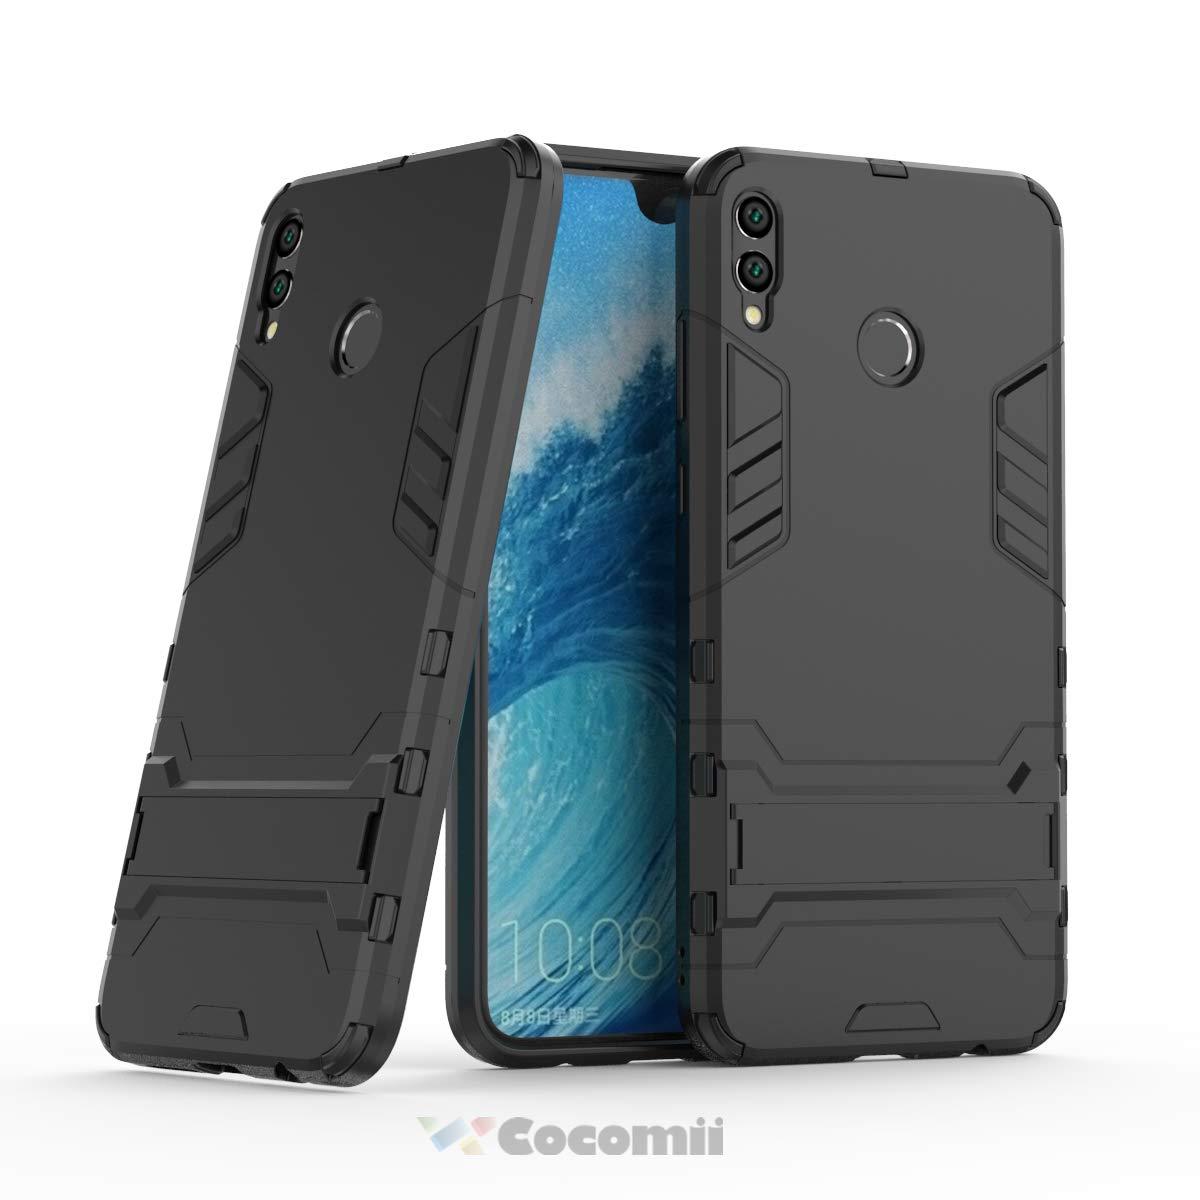 Funda para Huawei Honor 8X con pie COCOMII (7P8GQVMM)